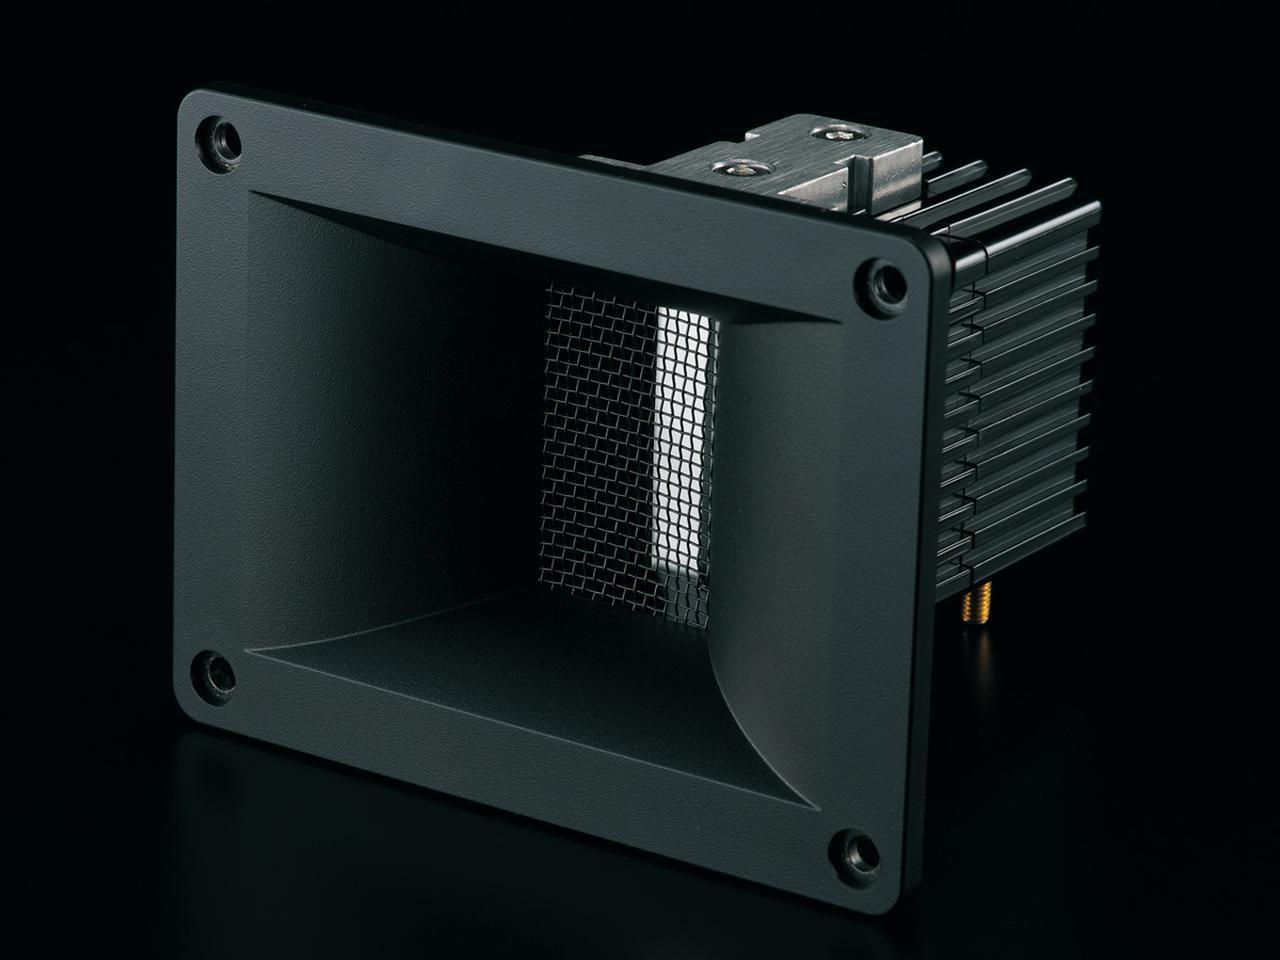 画像1: いま人気のアンプ内蔵スピーカーでテレビの音を大きくグレードアップ AIRPULSE「A80」<ネット動画 音質強化テクニック:アンプ内蔵スピーカー活用>